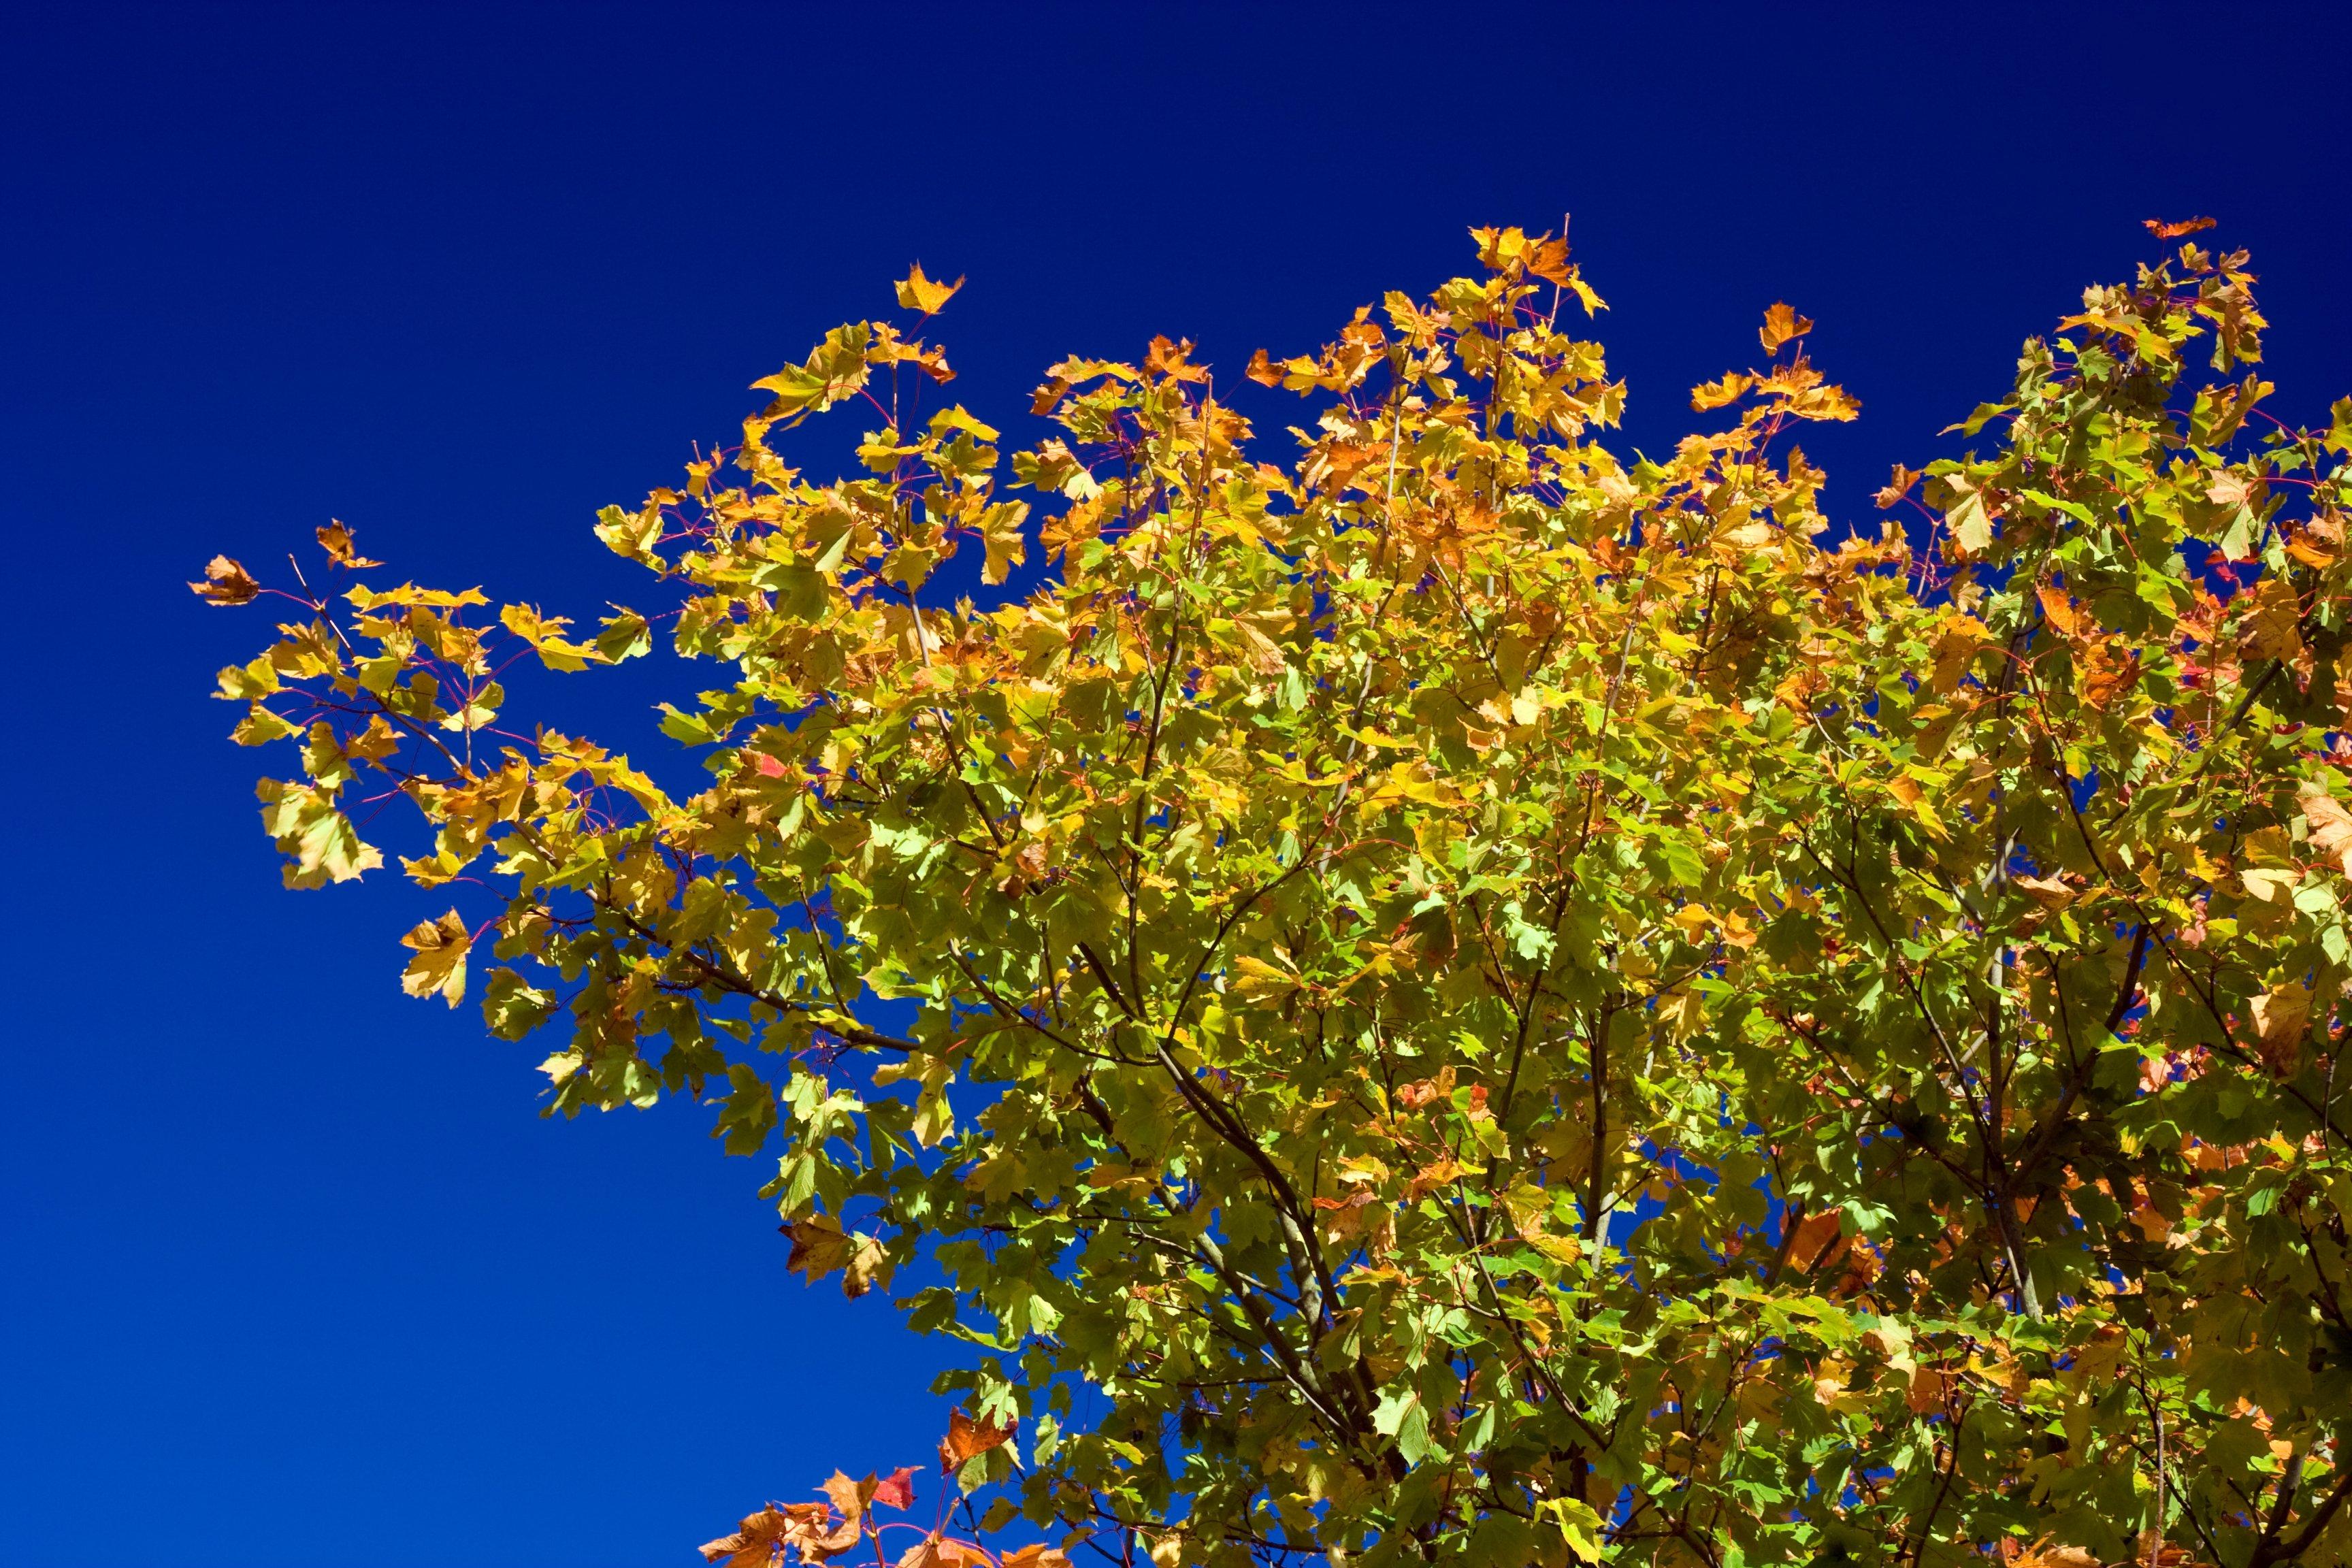 banco de imagens rvore natureza ramo flor plantar cu prado luz solar folha cair flor azul flora flores silvestres sai arbusto